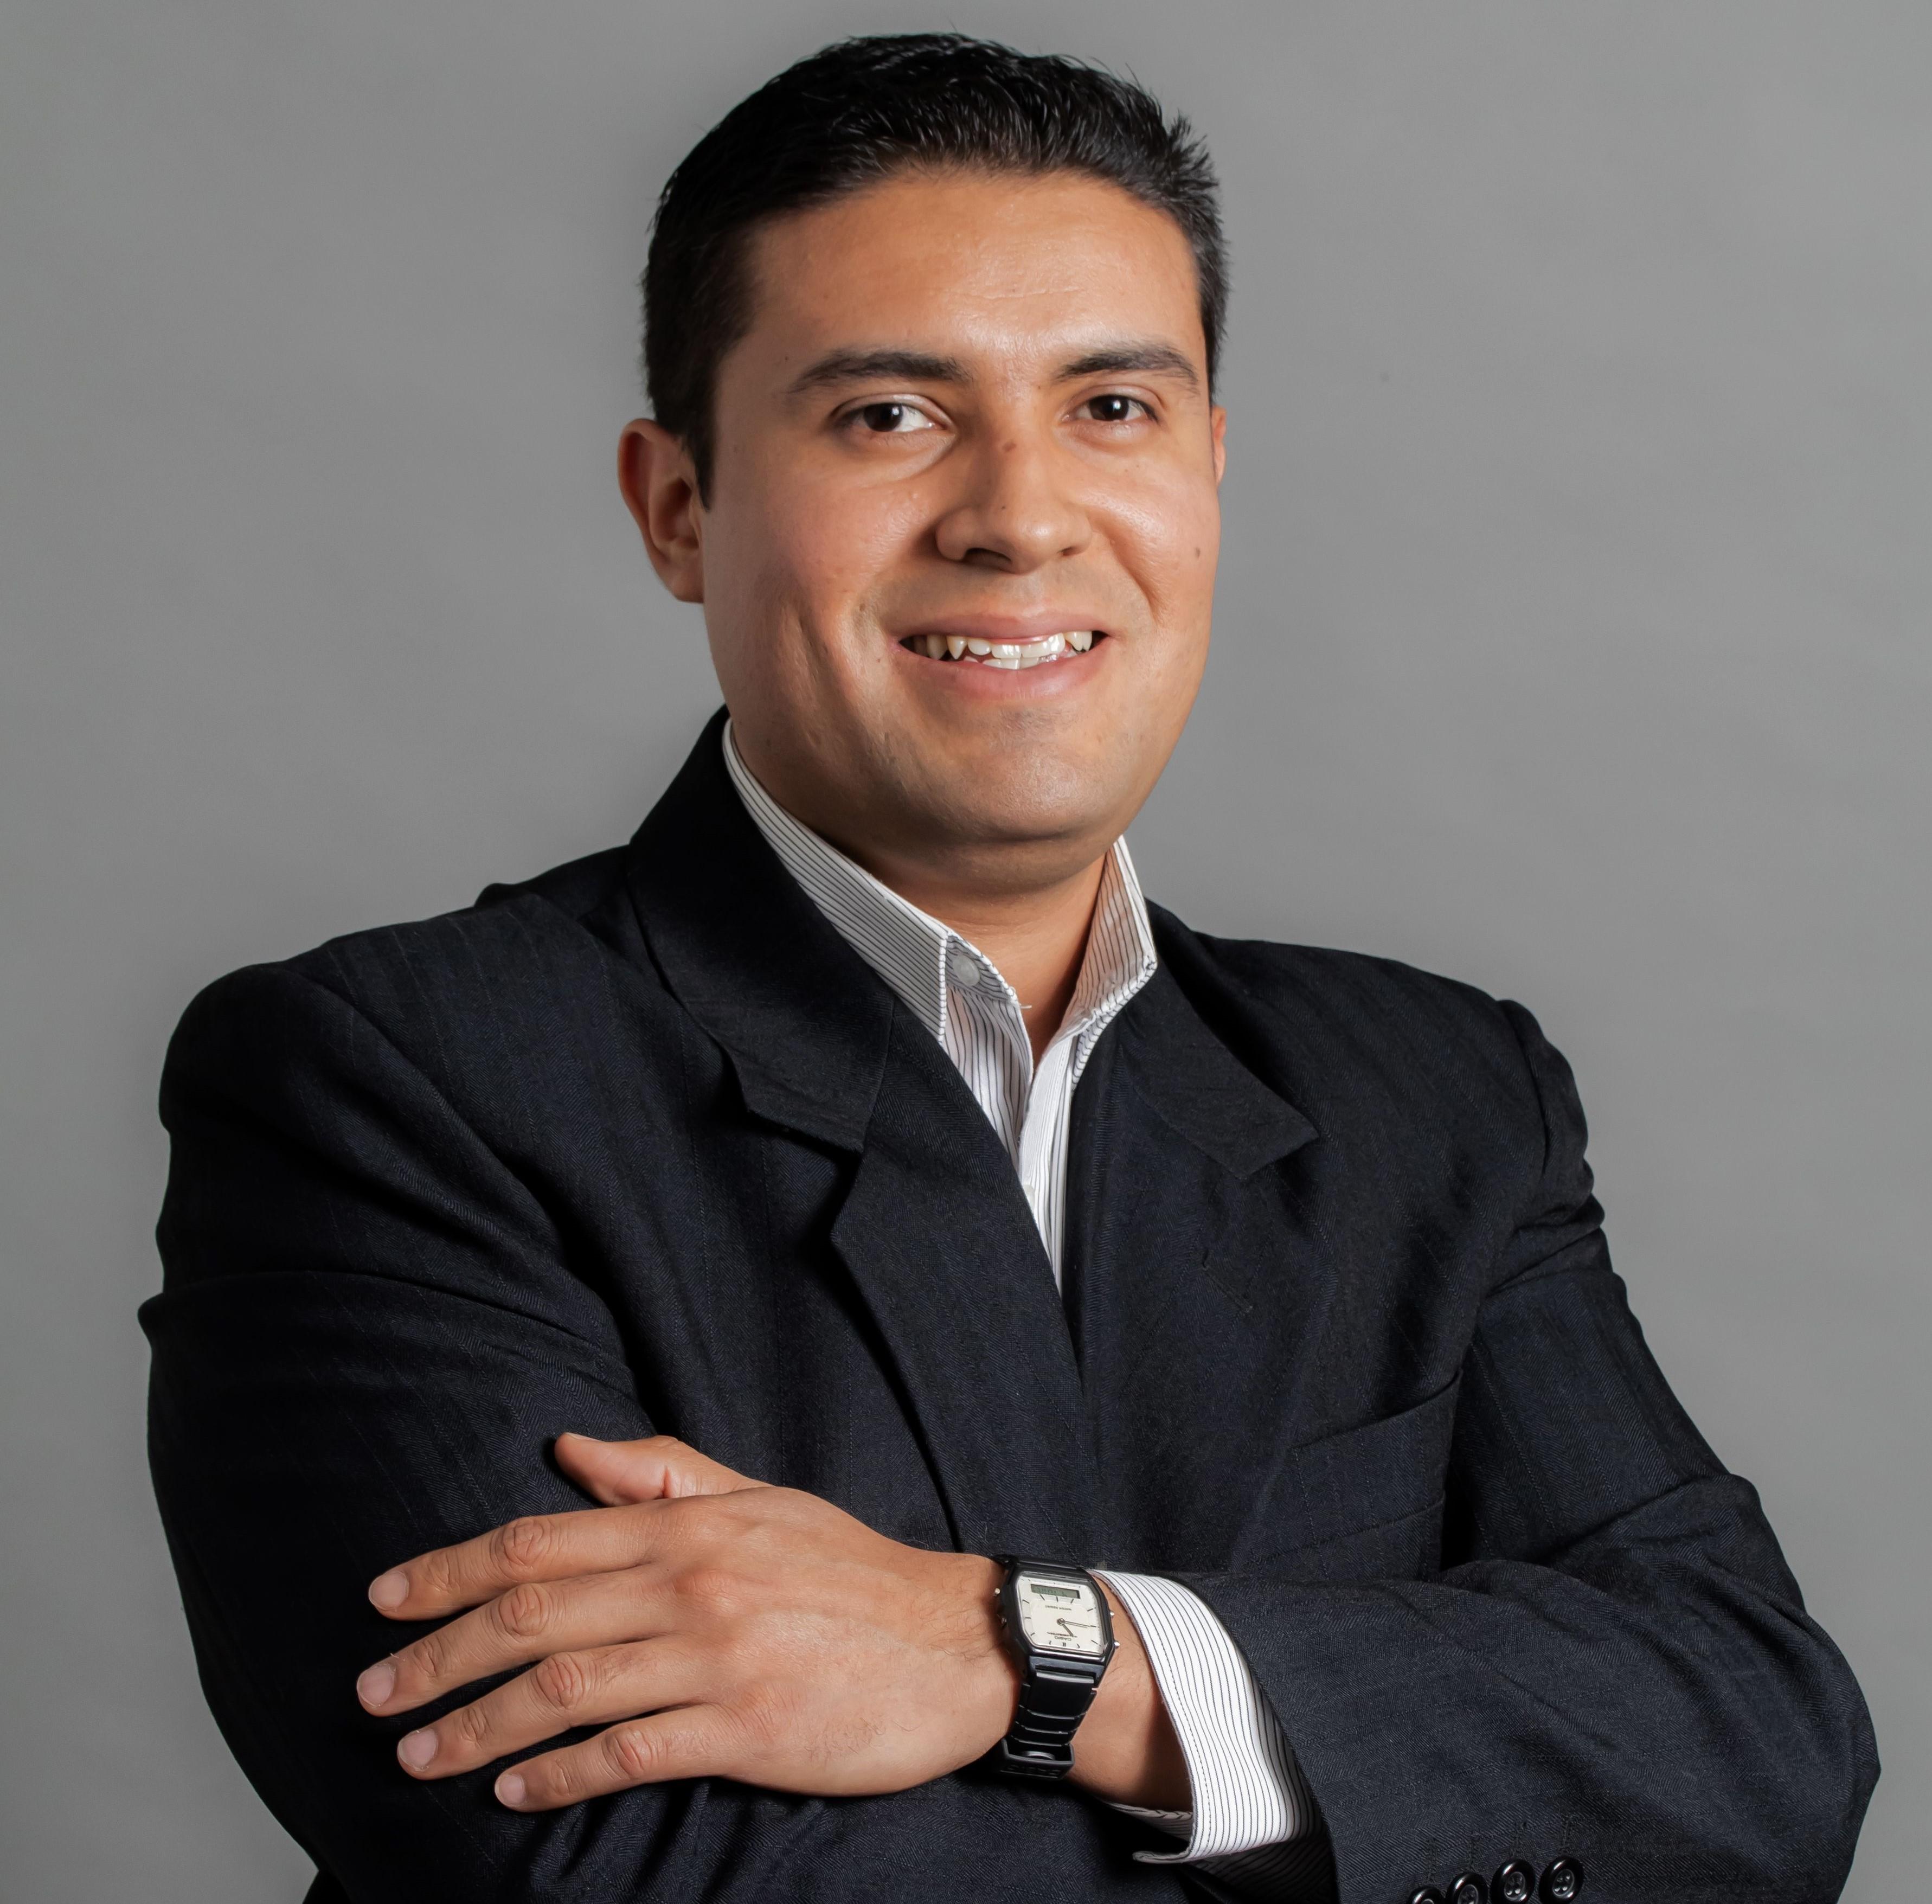 Picture of Miguel Ángel Juárez Castro